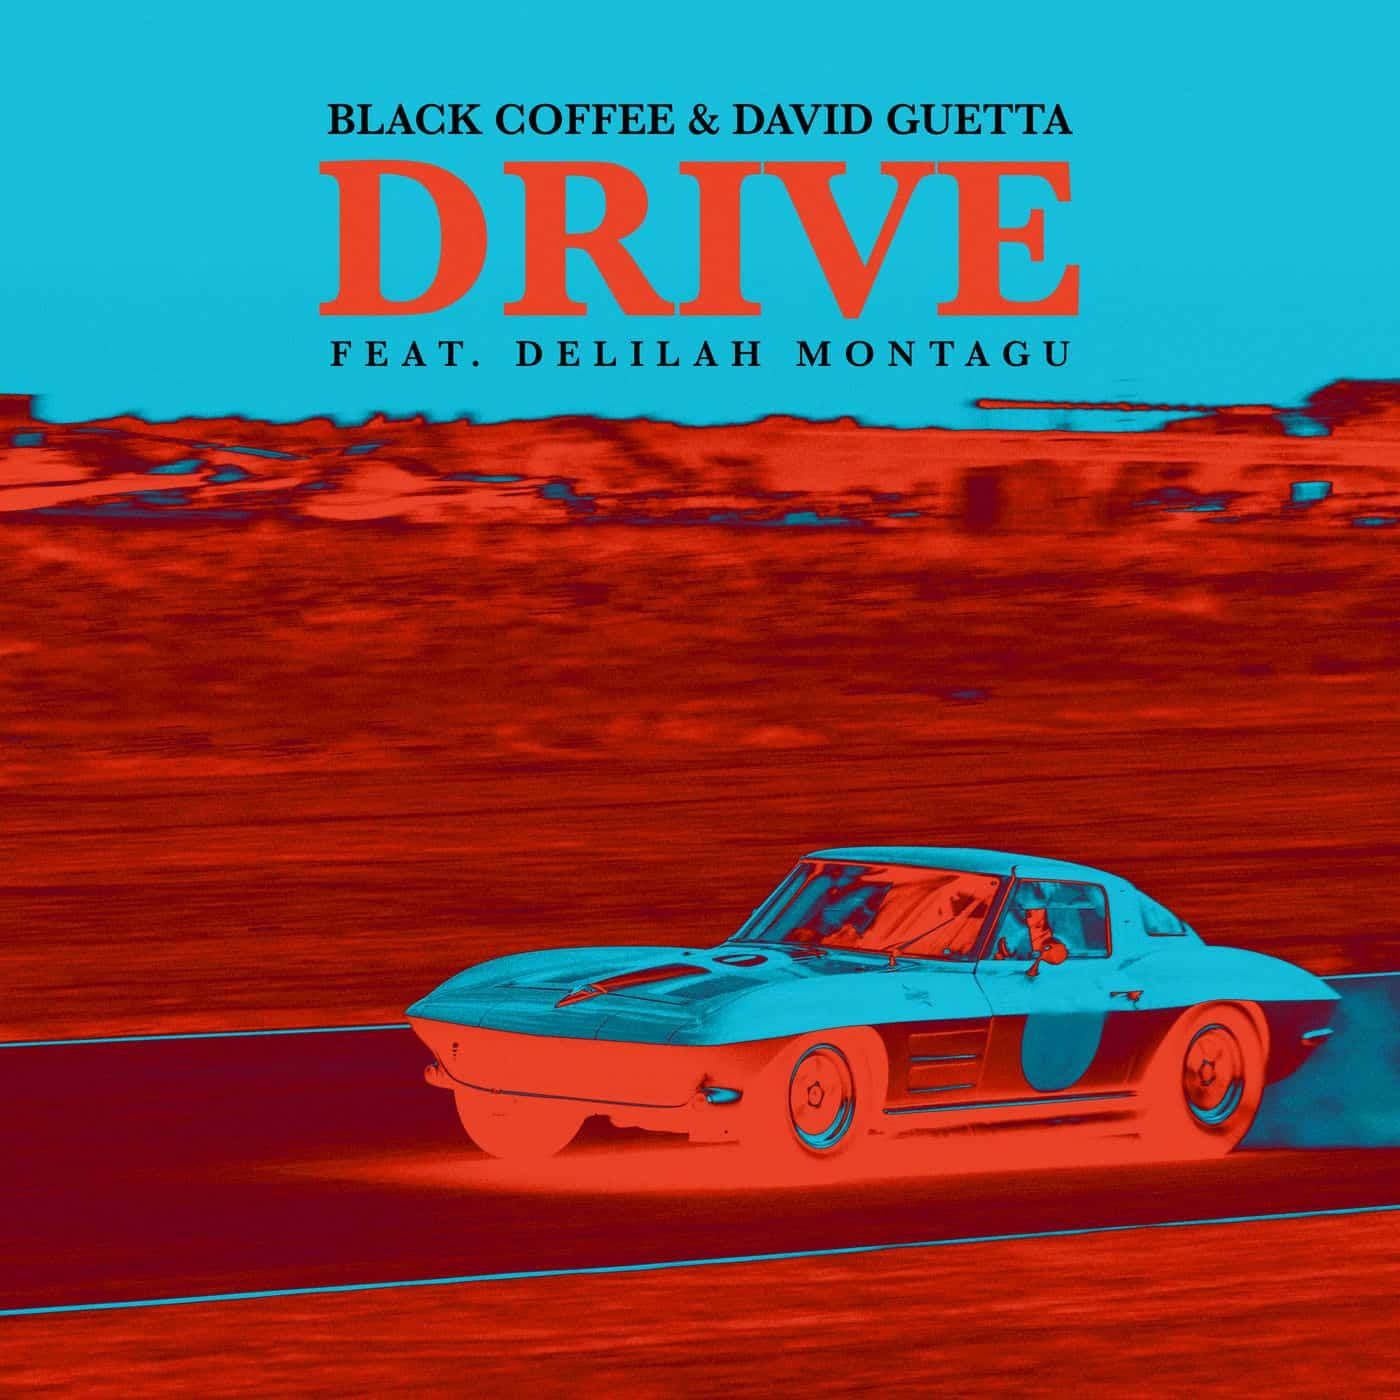 David Guetta & Black Coffee - Drive all night into the ...